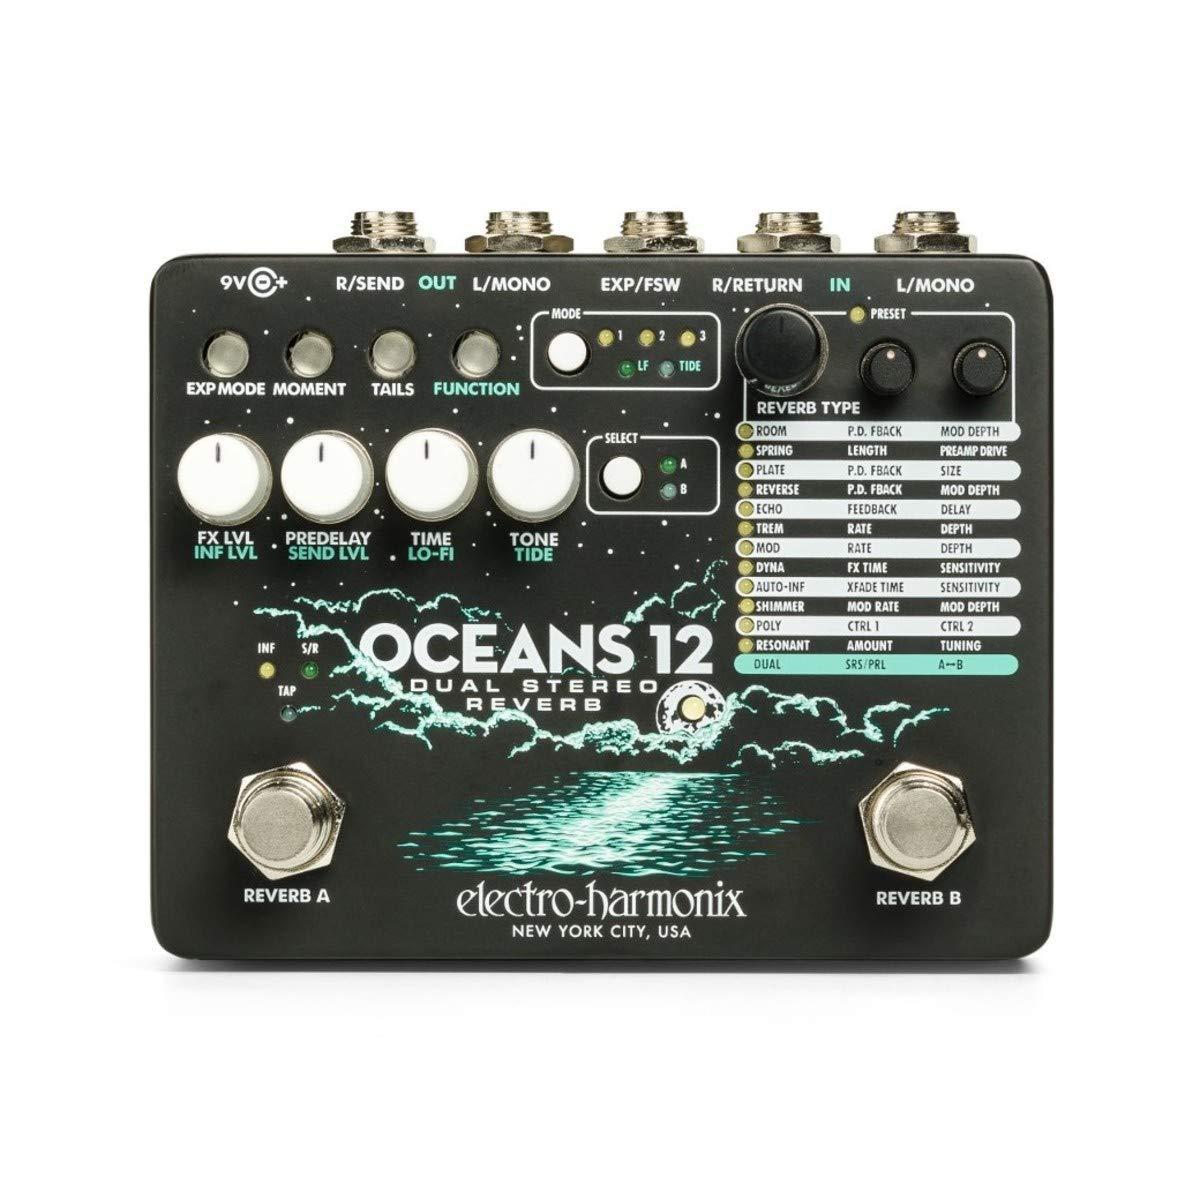 リンク:Oceans 12